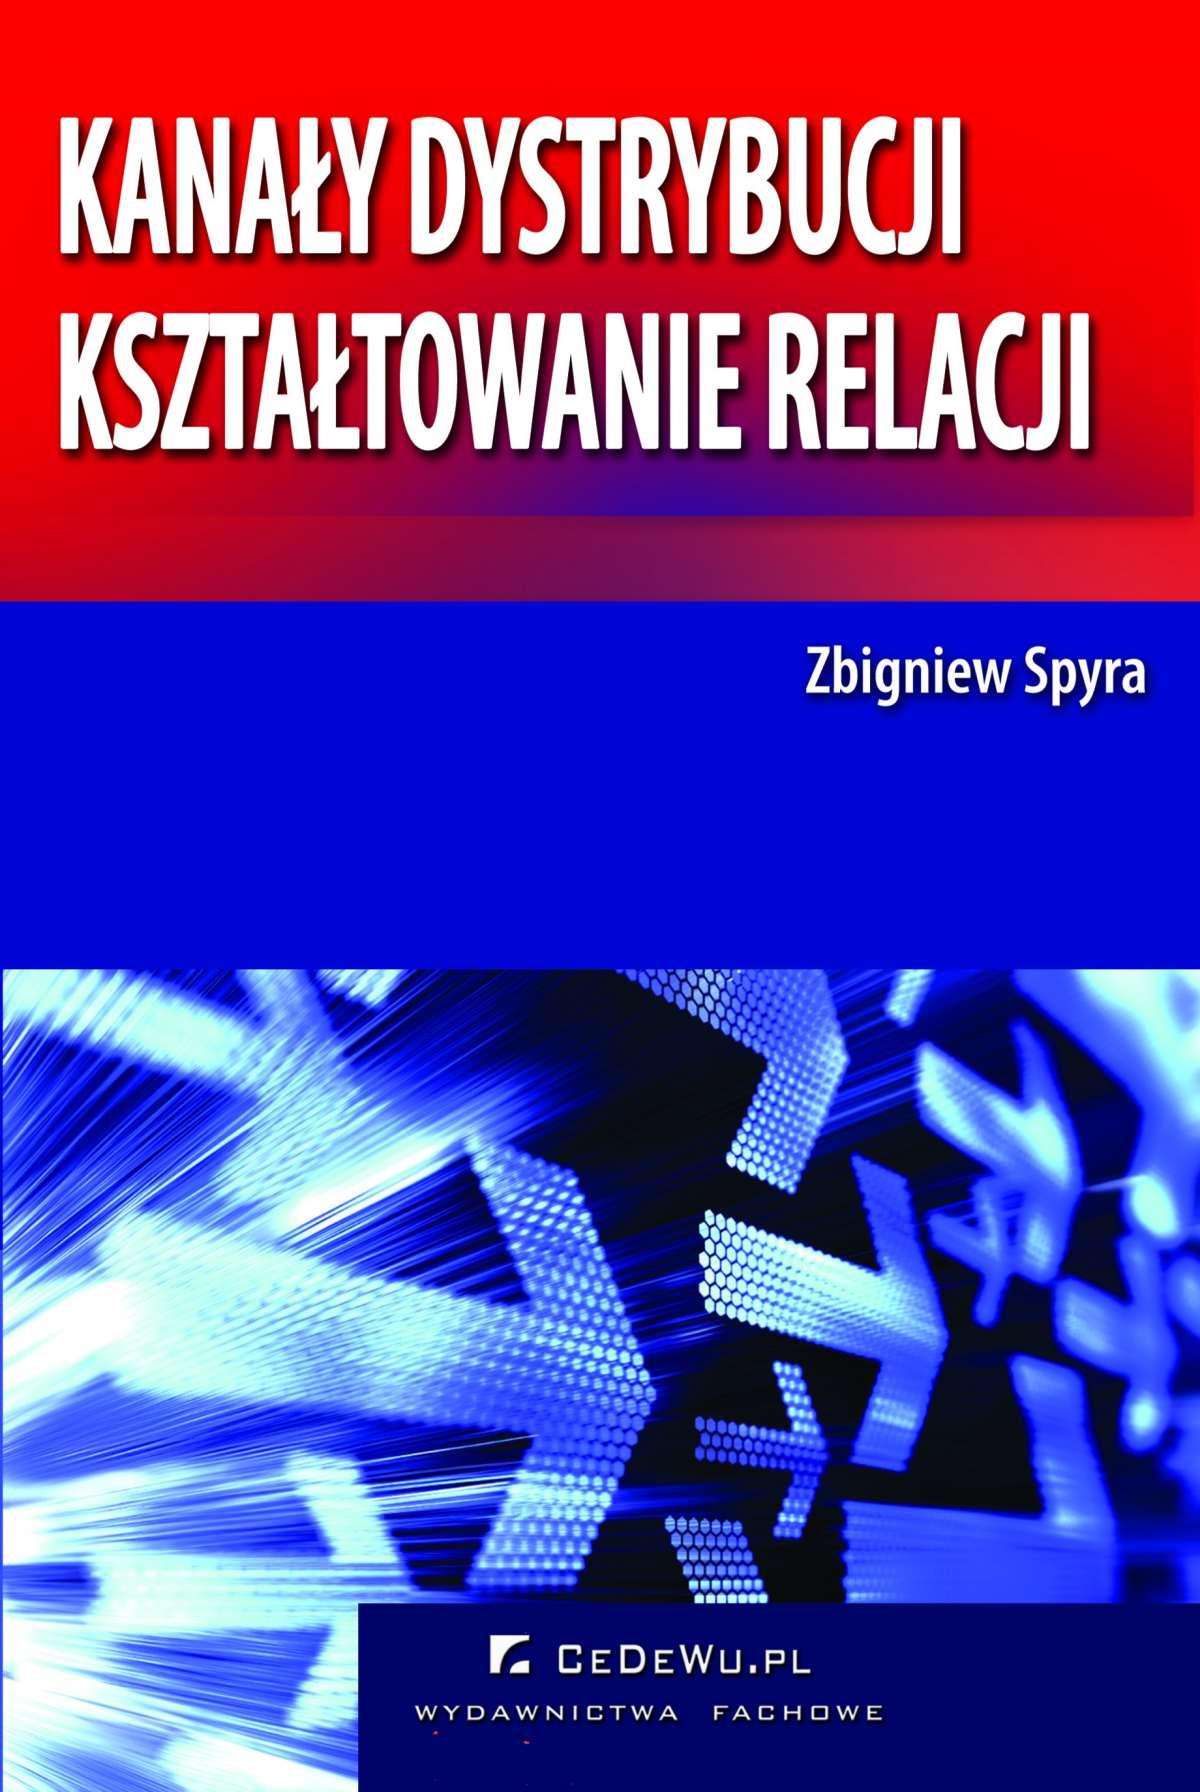 Kanały dystrybucji – kształtowanie relacji (wyd. II). Rozdział 1. Istota kanałów dystrybucji we współczesnej gospodarce - Ebook (Książka PDF) do pobrania w formacie PDF